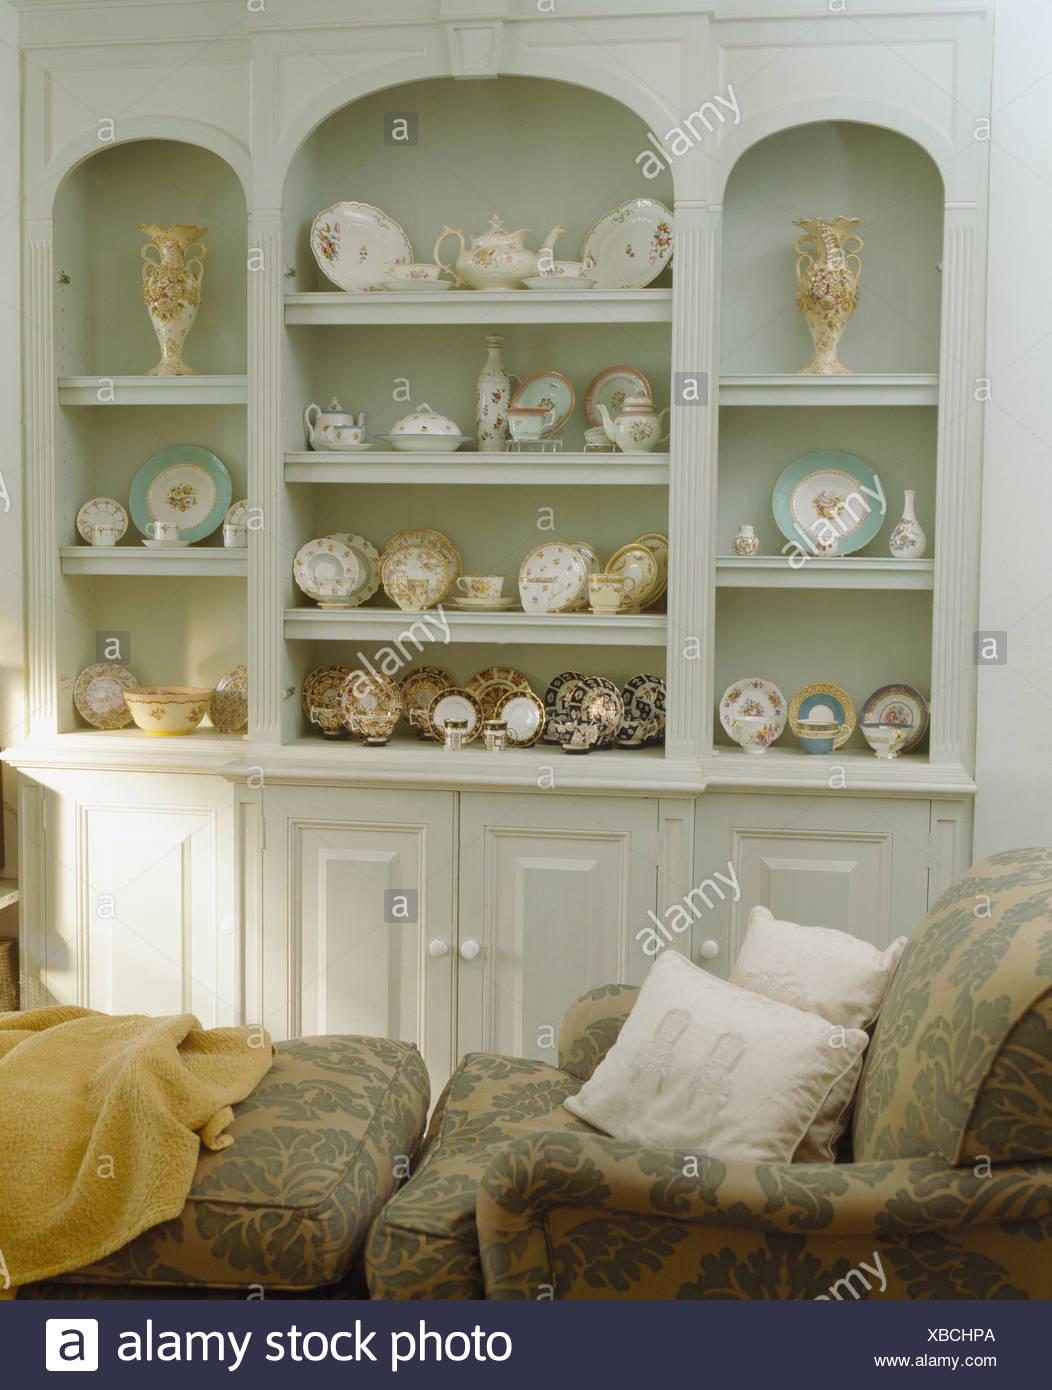 Sammlung Von Antiken China Auf Alkoven Regale In Hellgrau Mit Gemusterten  Sessel Kommode In Pastell Grün Wohnzimmer Ausgestattet